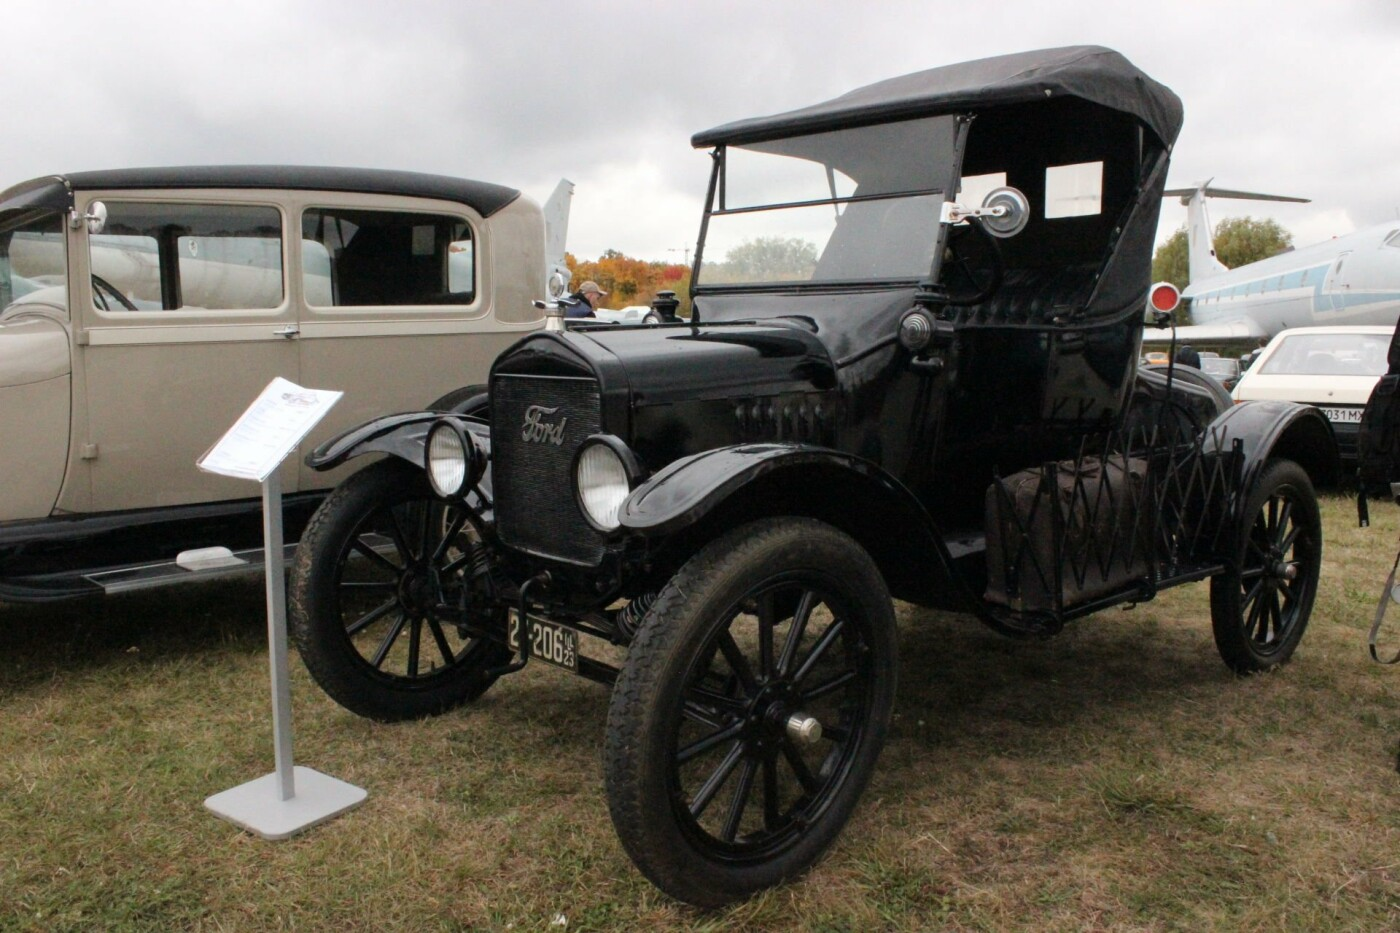 Выставка ретро автомобилей Киев 2021, фото: ICTV